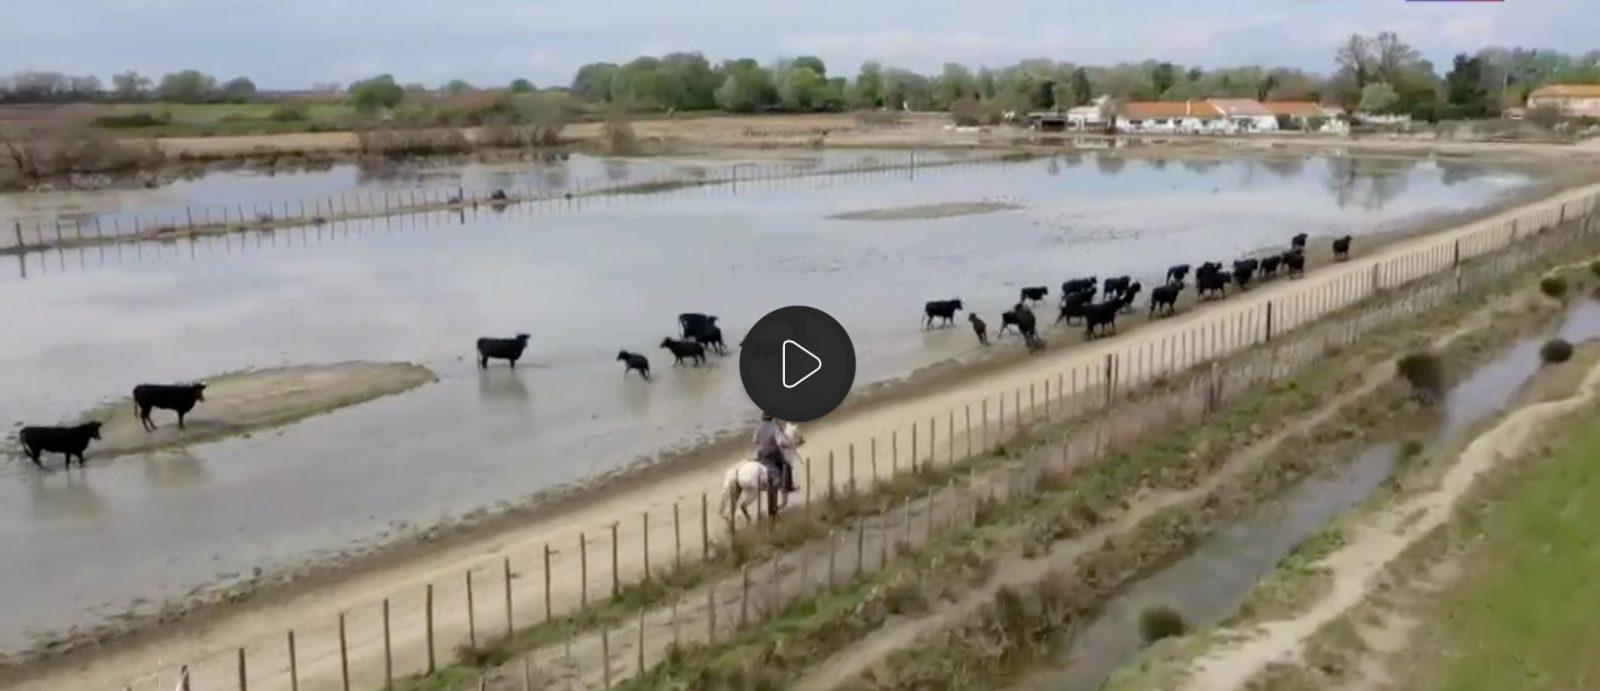 VIDEO TF1 // Les Saintes-Maries-de-la-Mer, un lieu de pèlerinage au cœur de la Camargue